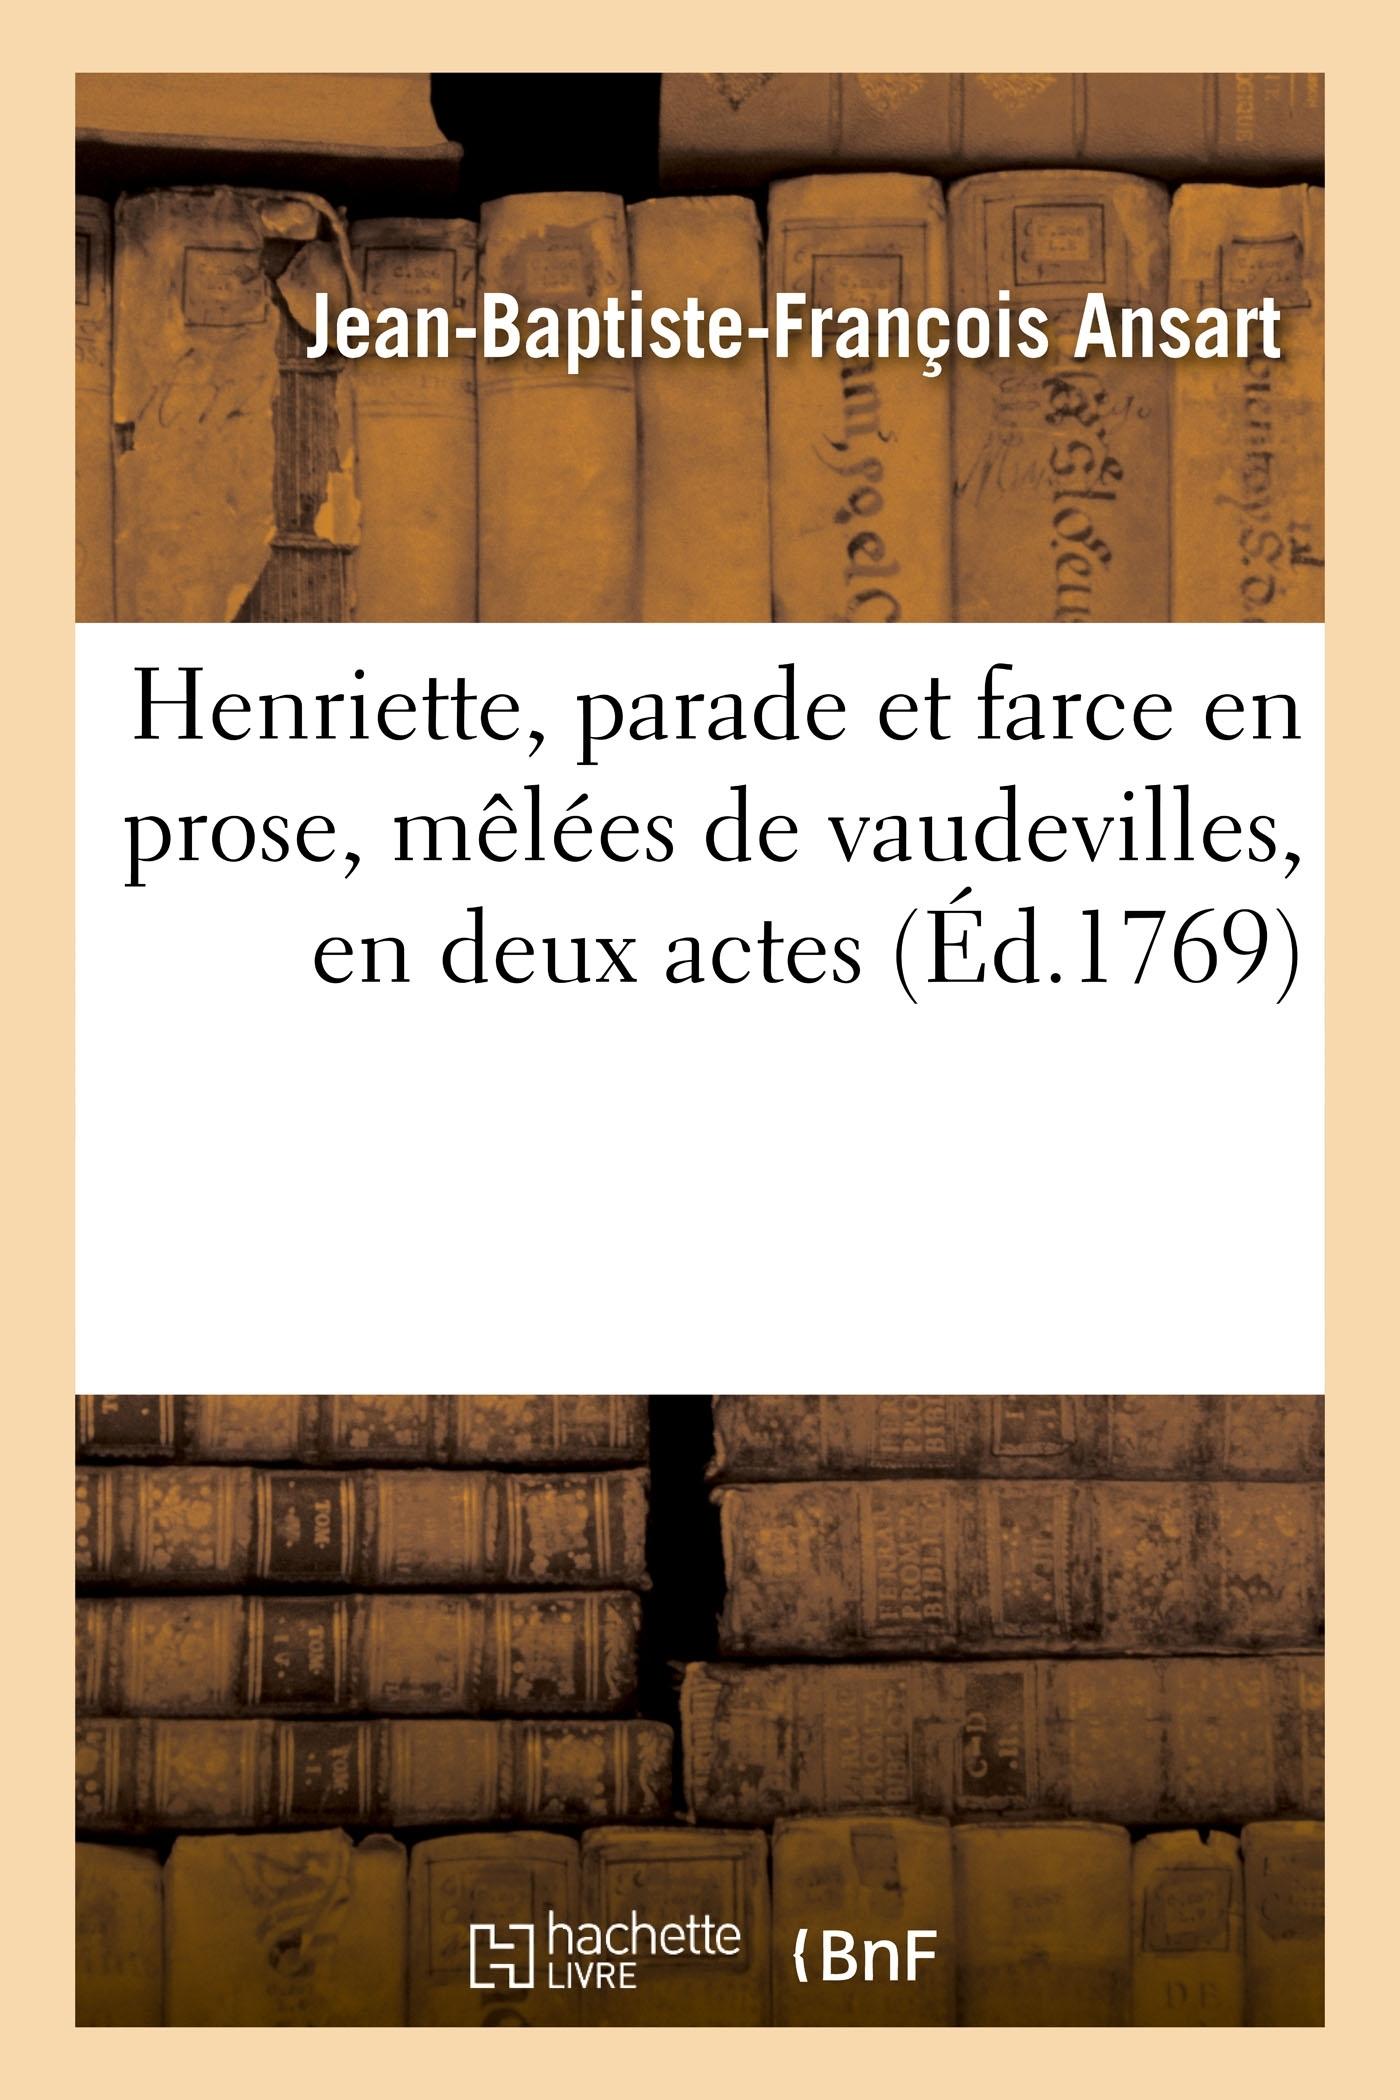 HENRIETTE, PARADE ET FARCE EN PROSE, MELEES DE VAUDEVILLES, EN DEUX ACTES - COMEDIENS DES MENUS PLAI